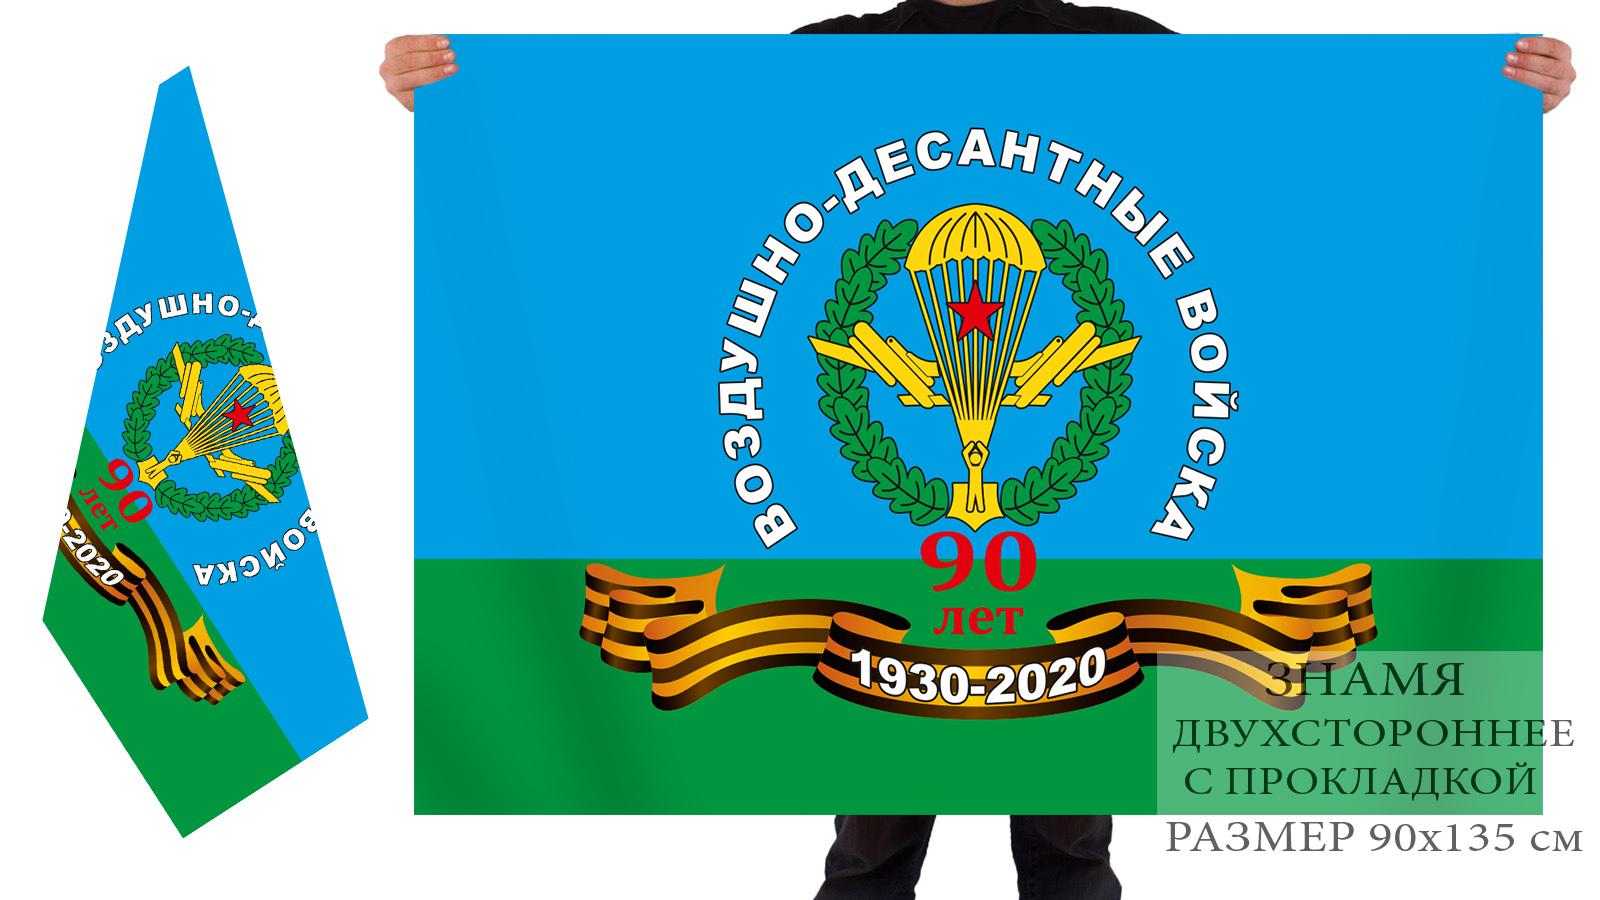 Двусторонний флаг ВДВ 90 лет: 1930-2020